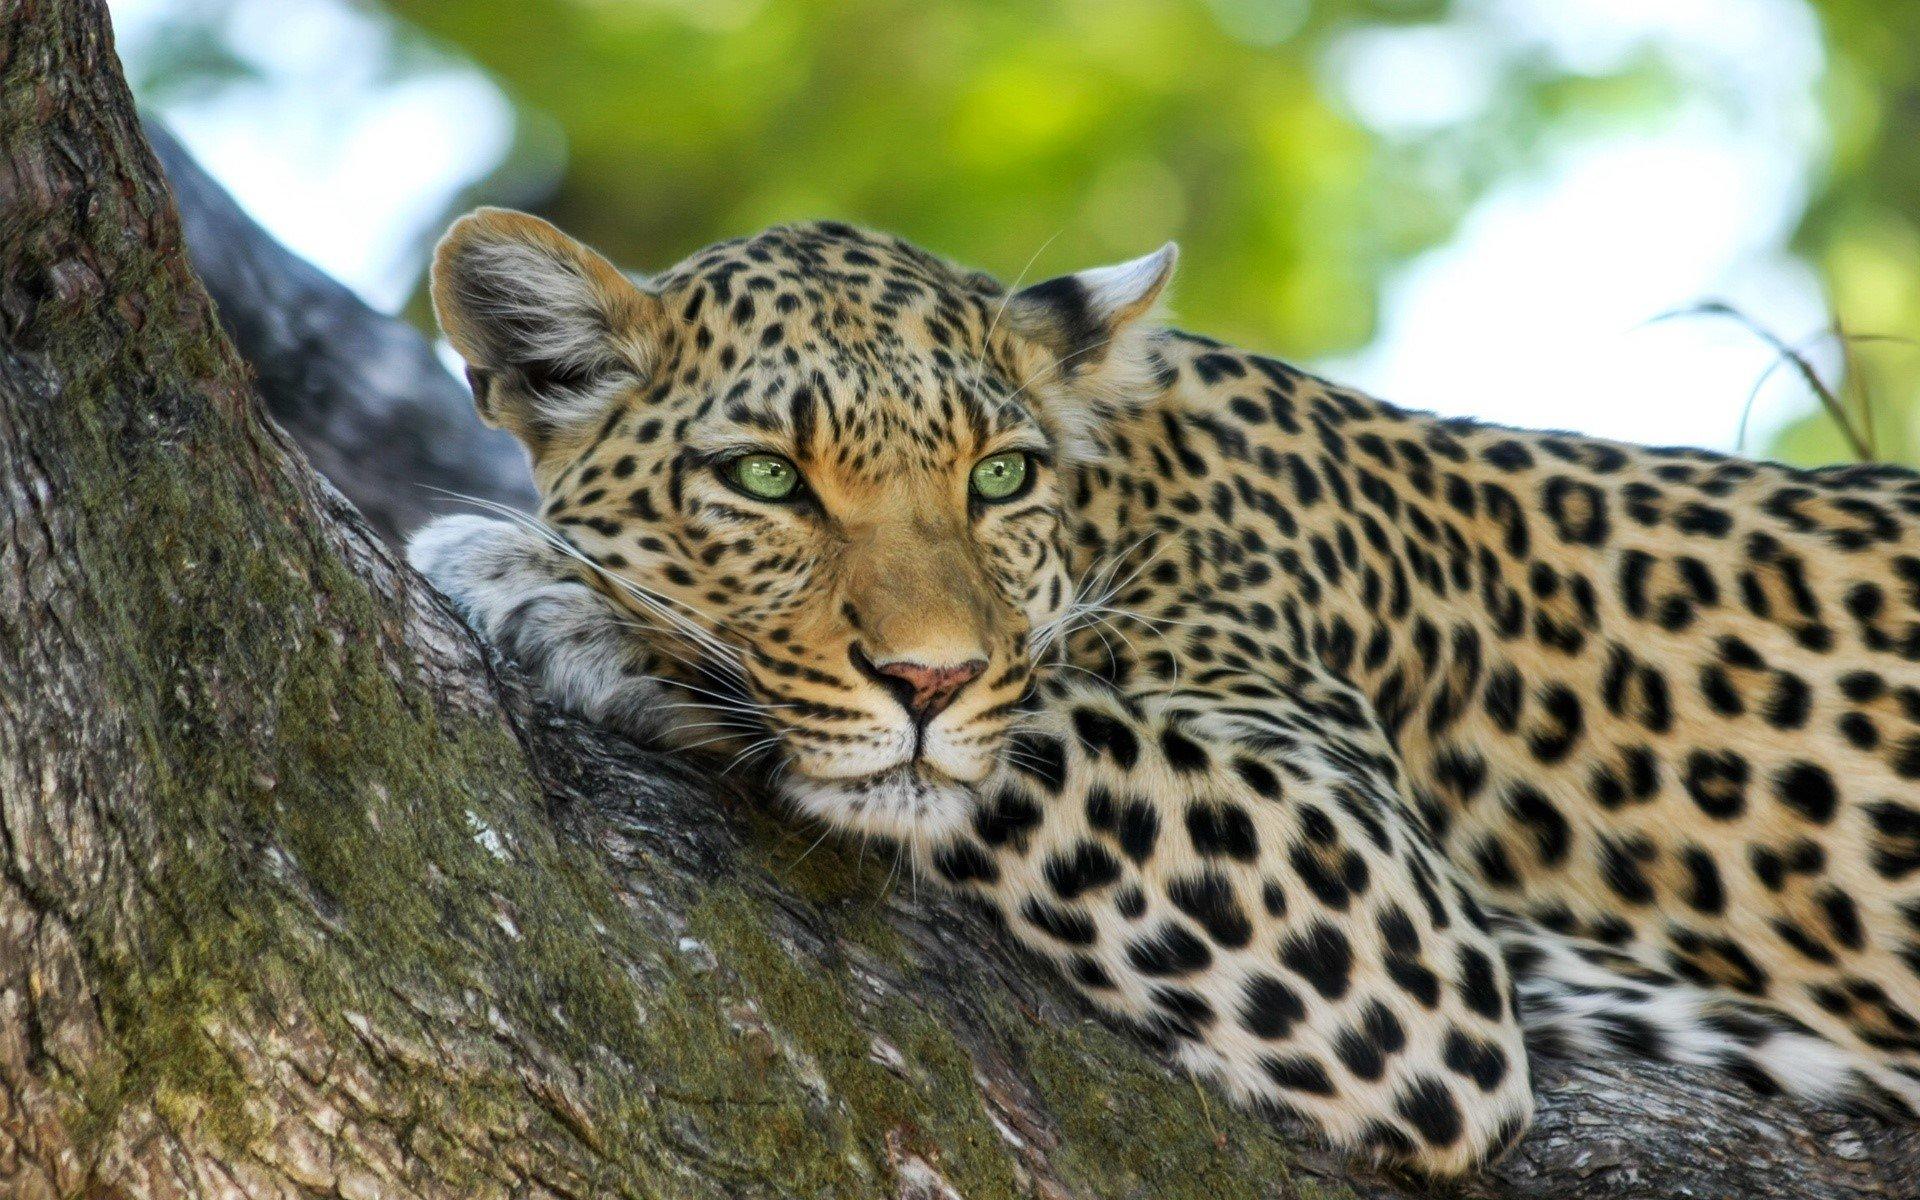 Fondos de pantalla Leopardo en un arbol